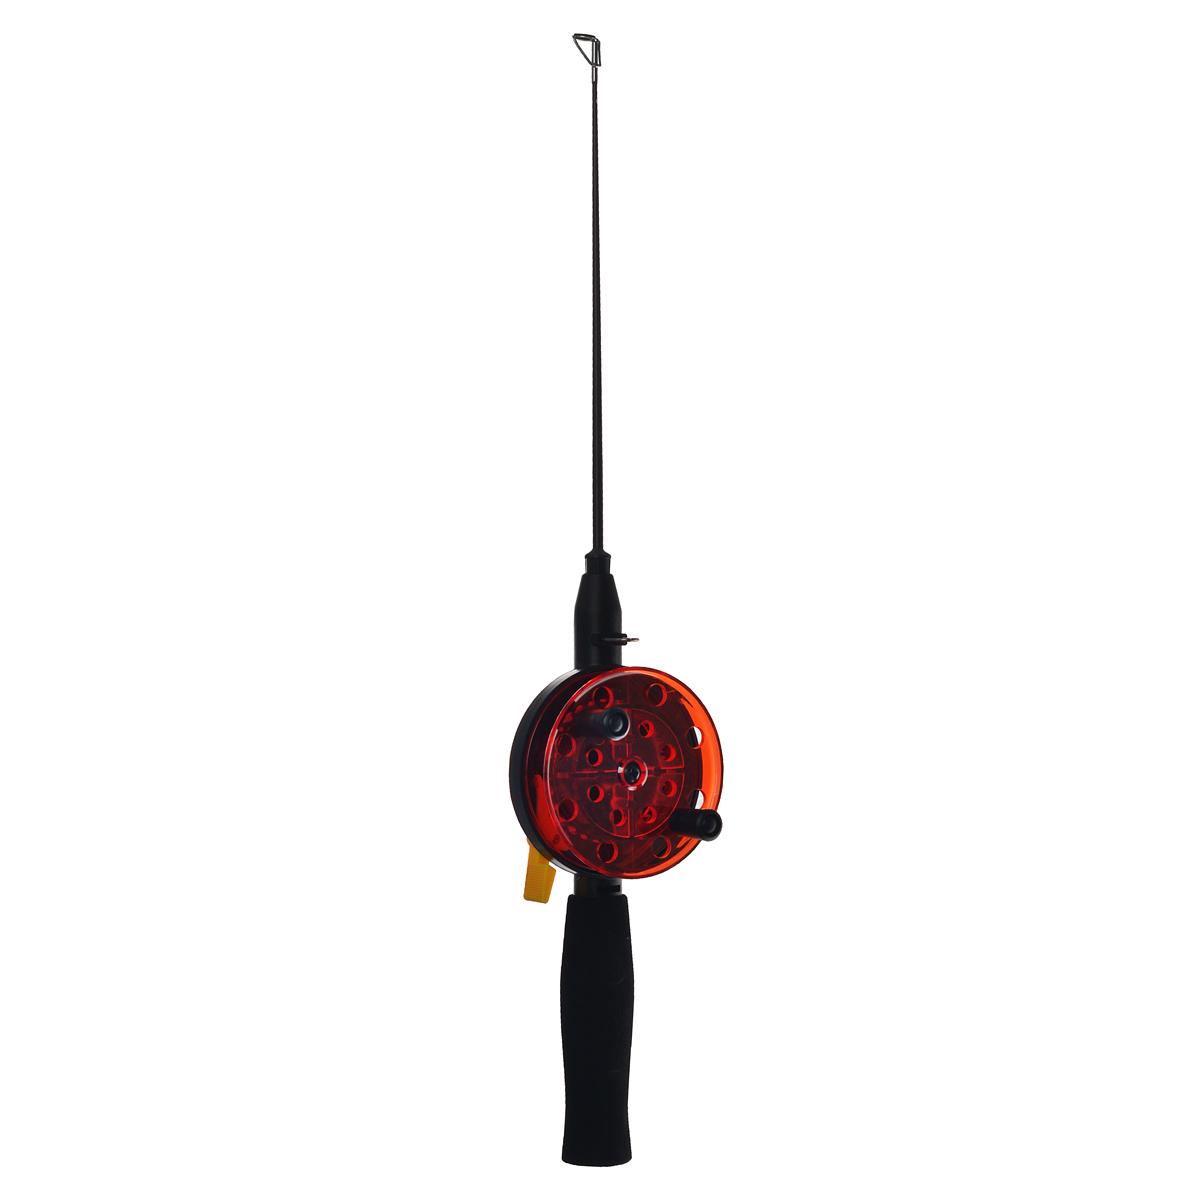 SWD Удочка зимняя SWD HR103, цвет: черный, красный, d 54 мм, ручка неопрен 10 см, хл -кар 20 см